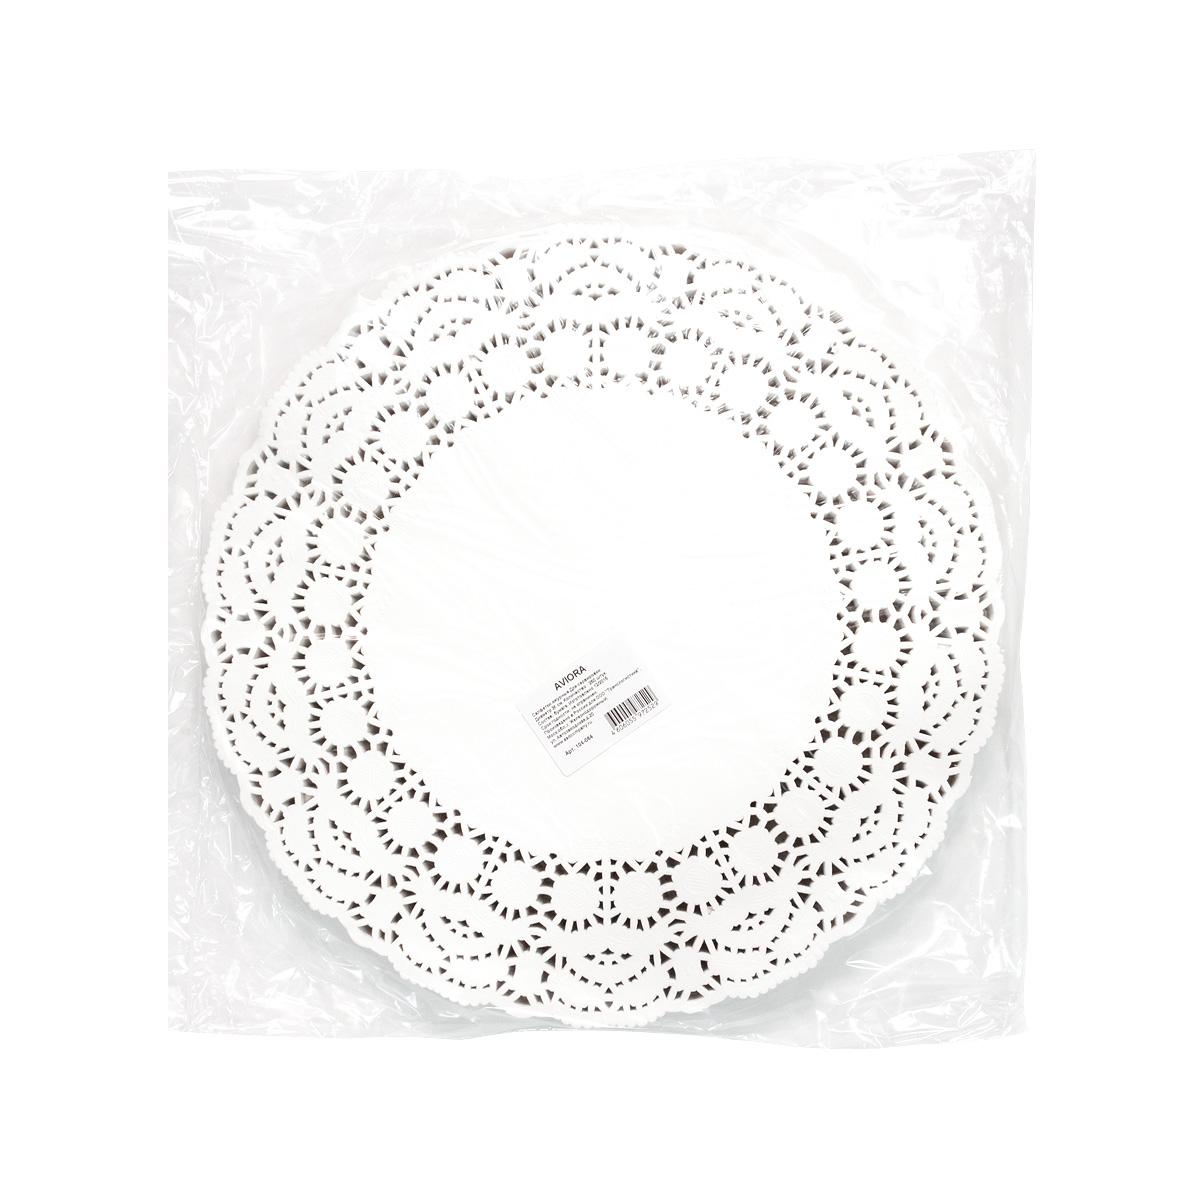 Салфетки бумажные Aviora, ажурные, диаметр 36 см, 250 шт104-064 Произведены в России безопасные при контакте с пищей изысканный узор по контуру салфетокПредназначены для сервировки стола.Используются для красивой подачи тортов и пирожных. Оригинально смотрятся столовые приборы. Небольшие диаметры используются для подачи чая / кофе.